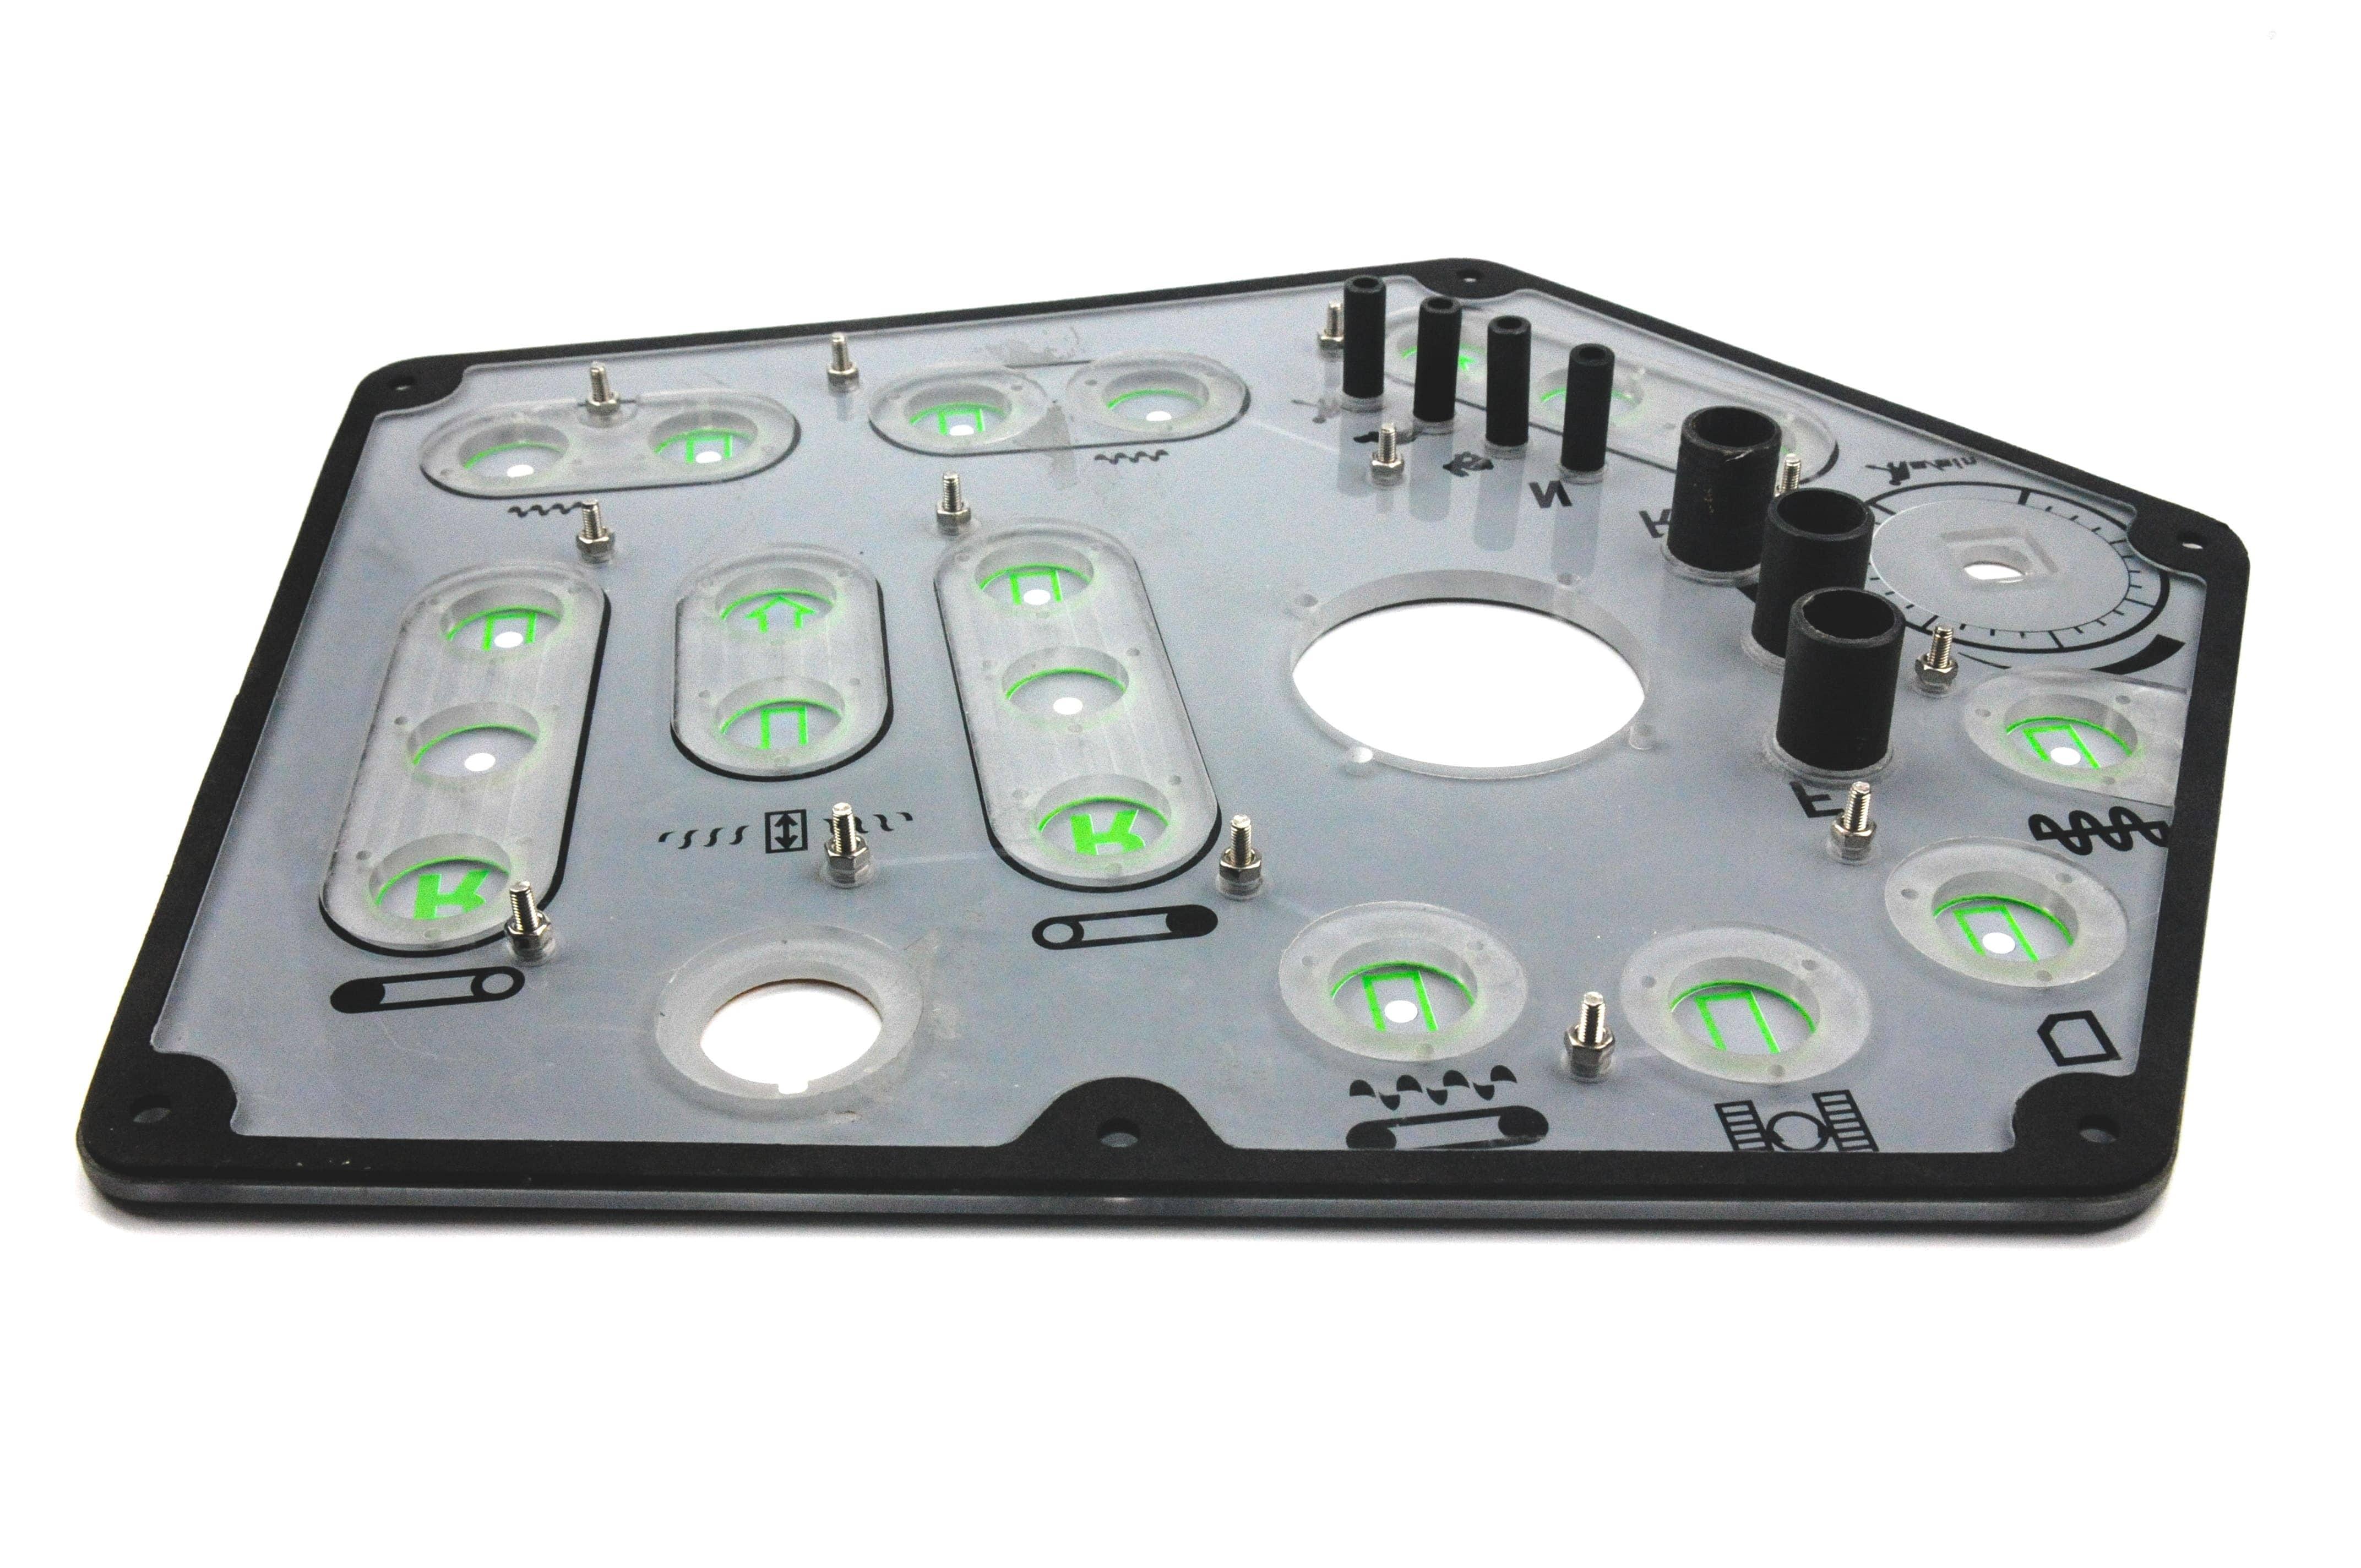 Folientastatur mit Buttons von hinten